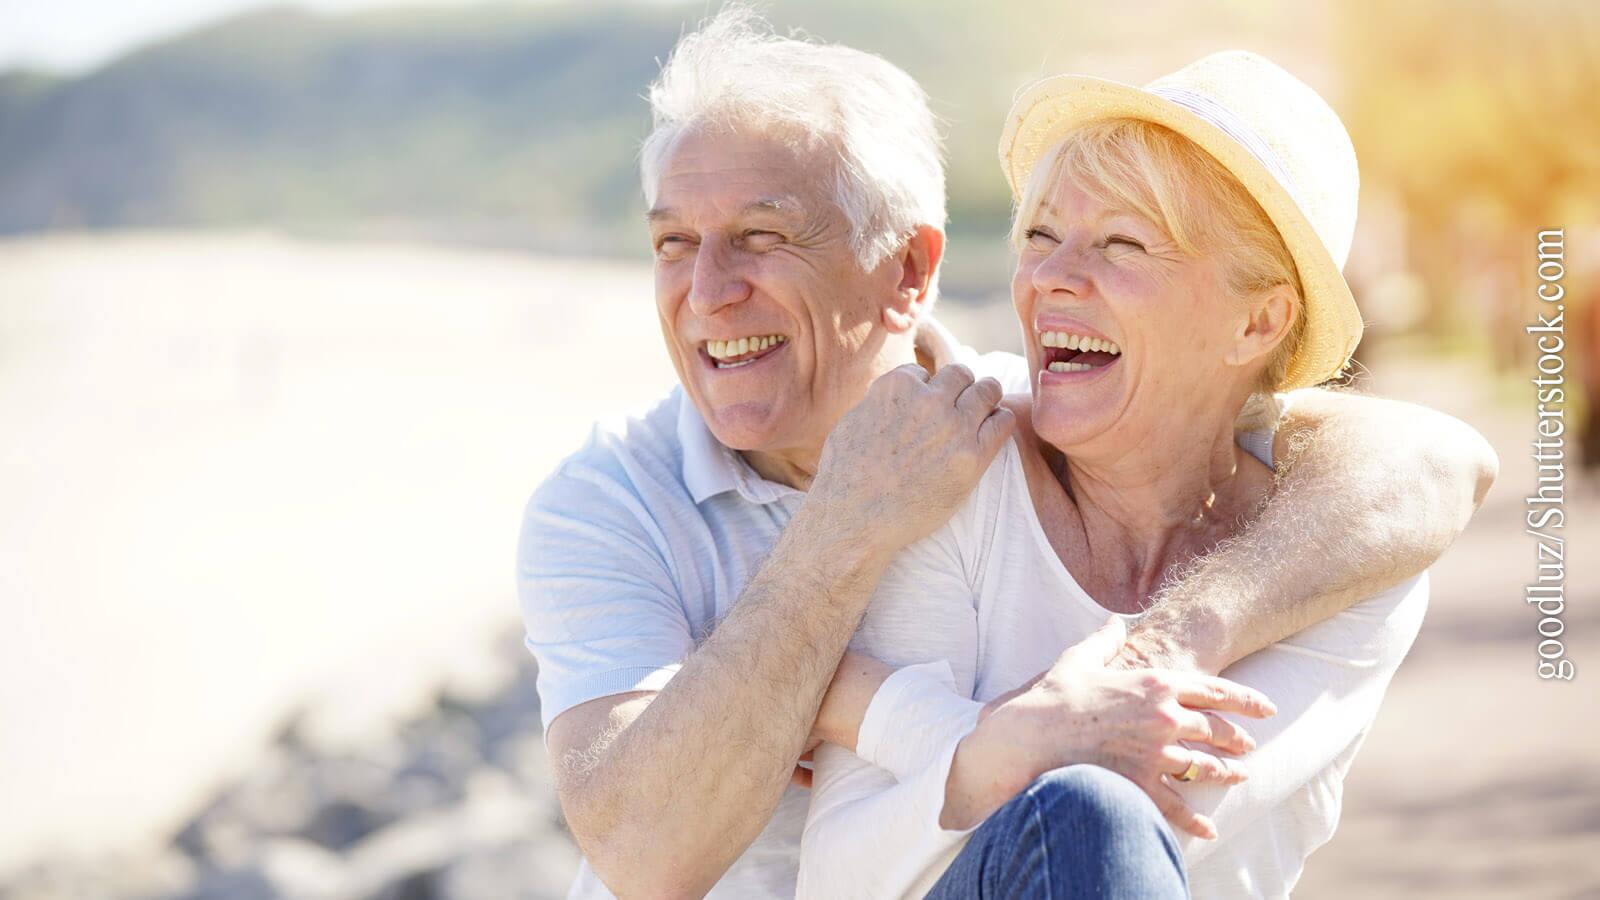 Gesund älter werden